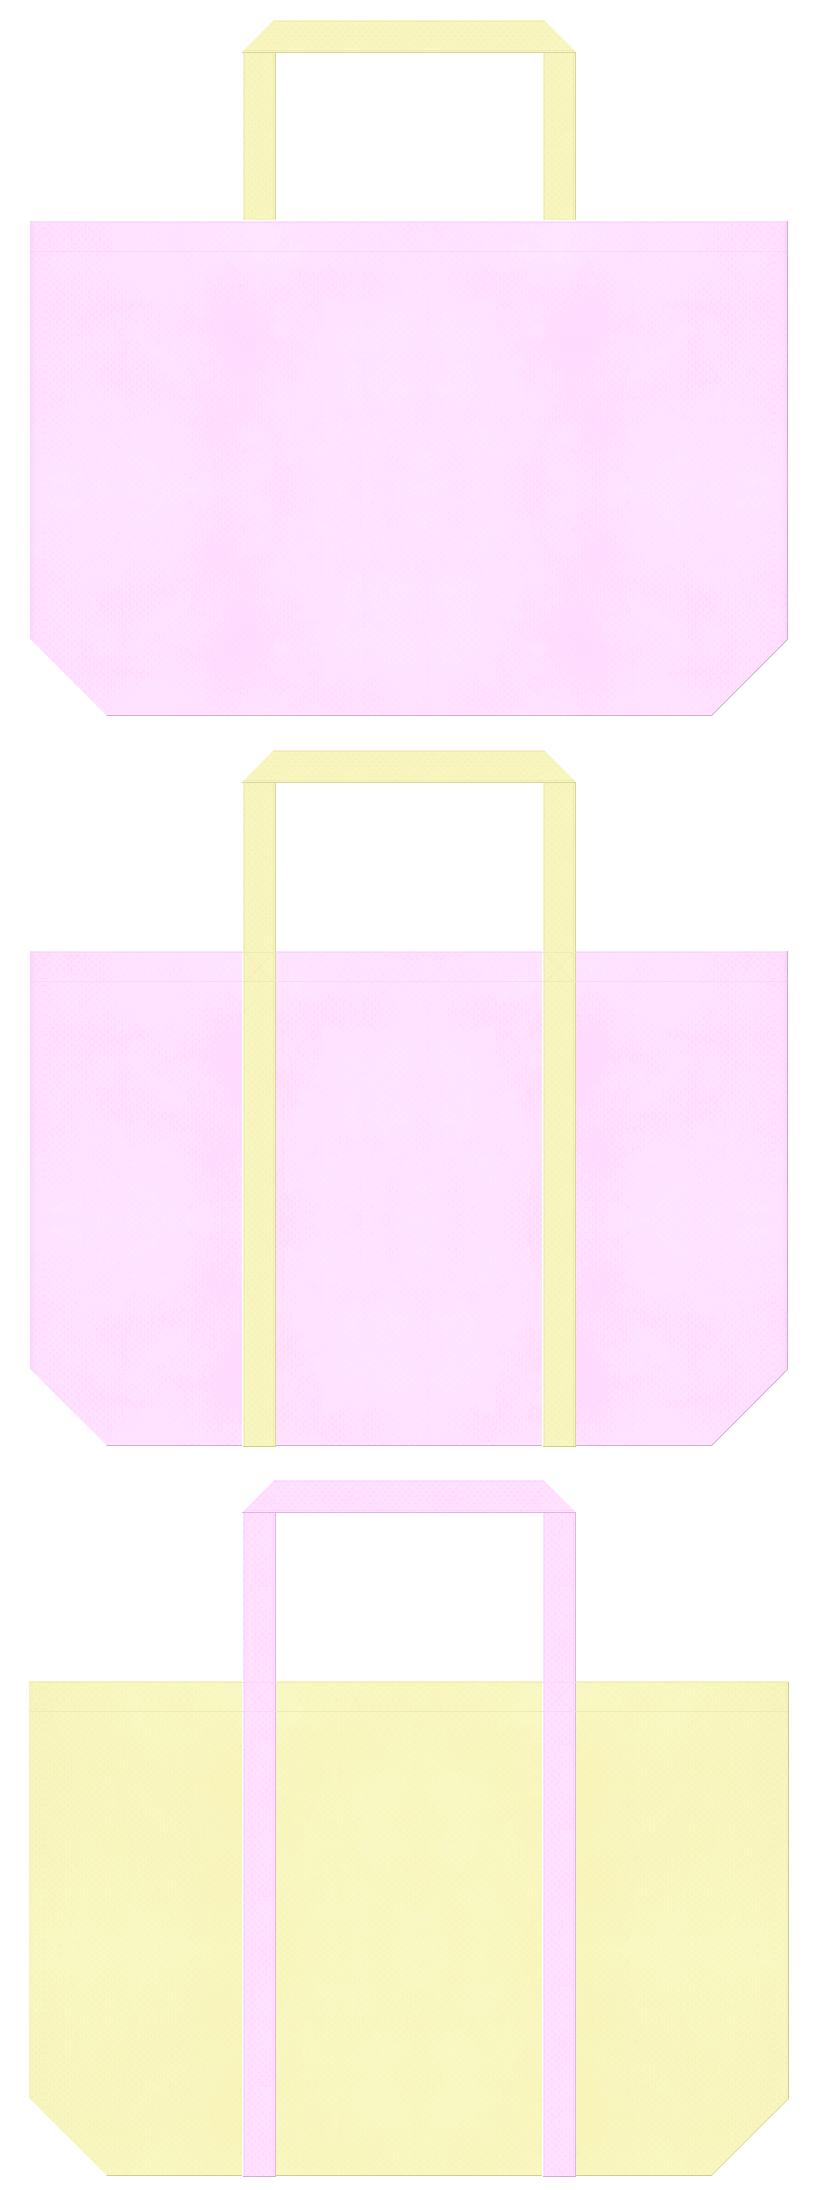 明るいピンク色と薄黄色の不織布ショッピングバッグデザイン:福祉用具・介護用品のショッピングバッグにお奨めです。